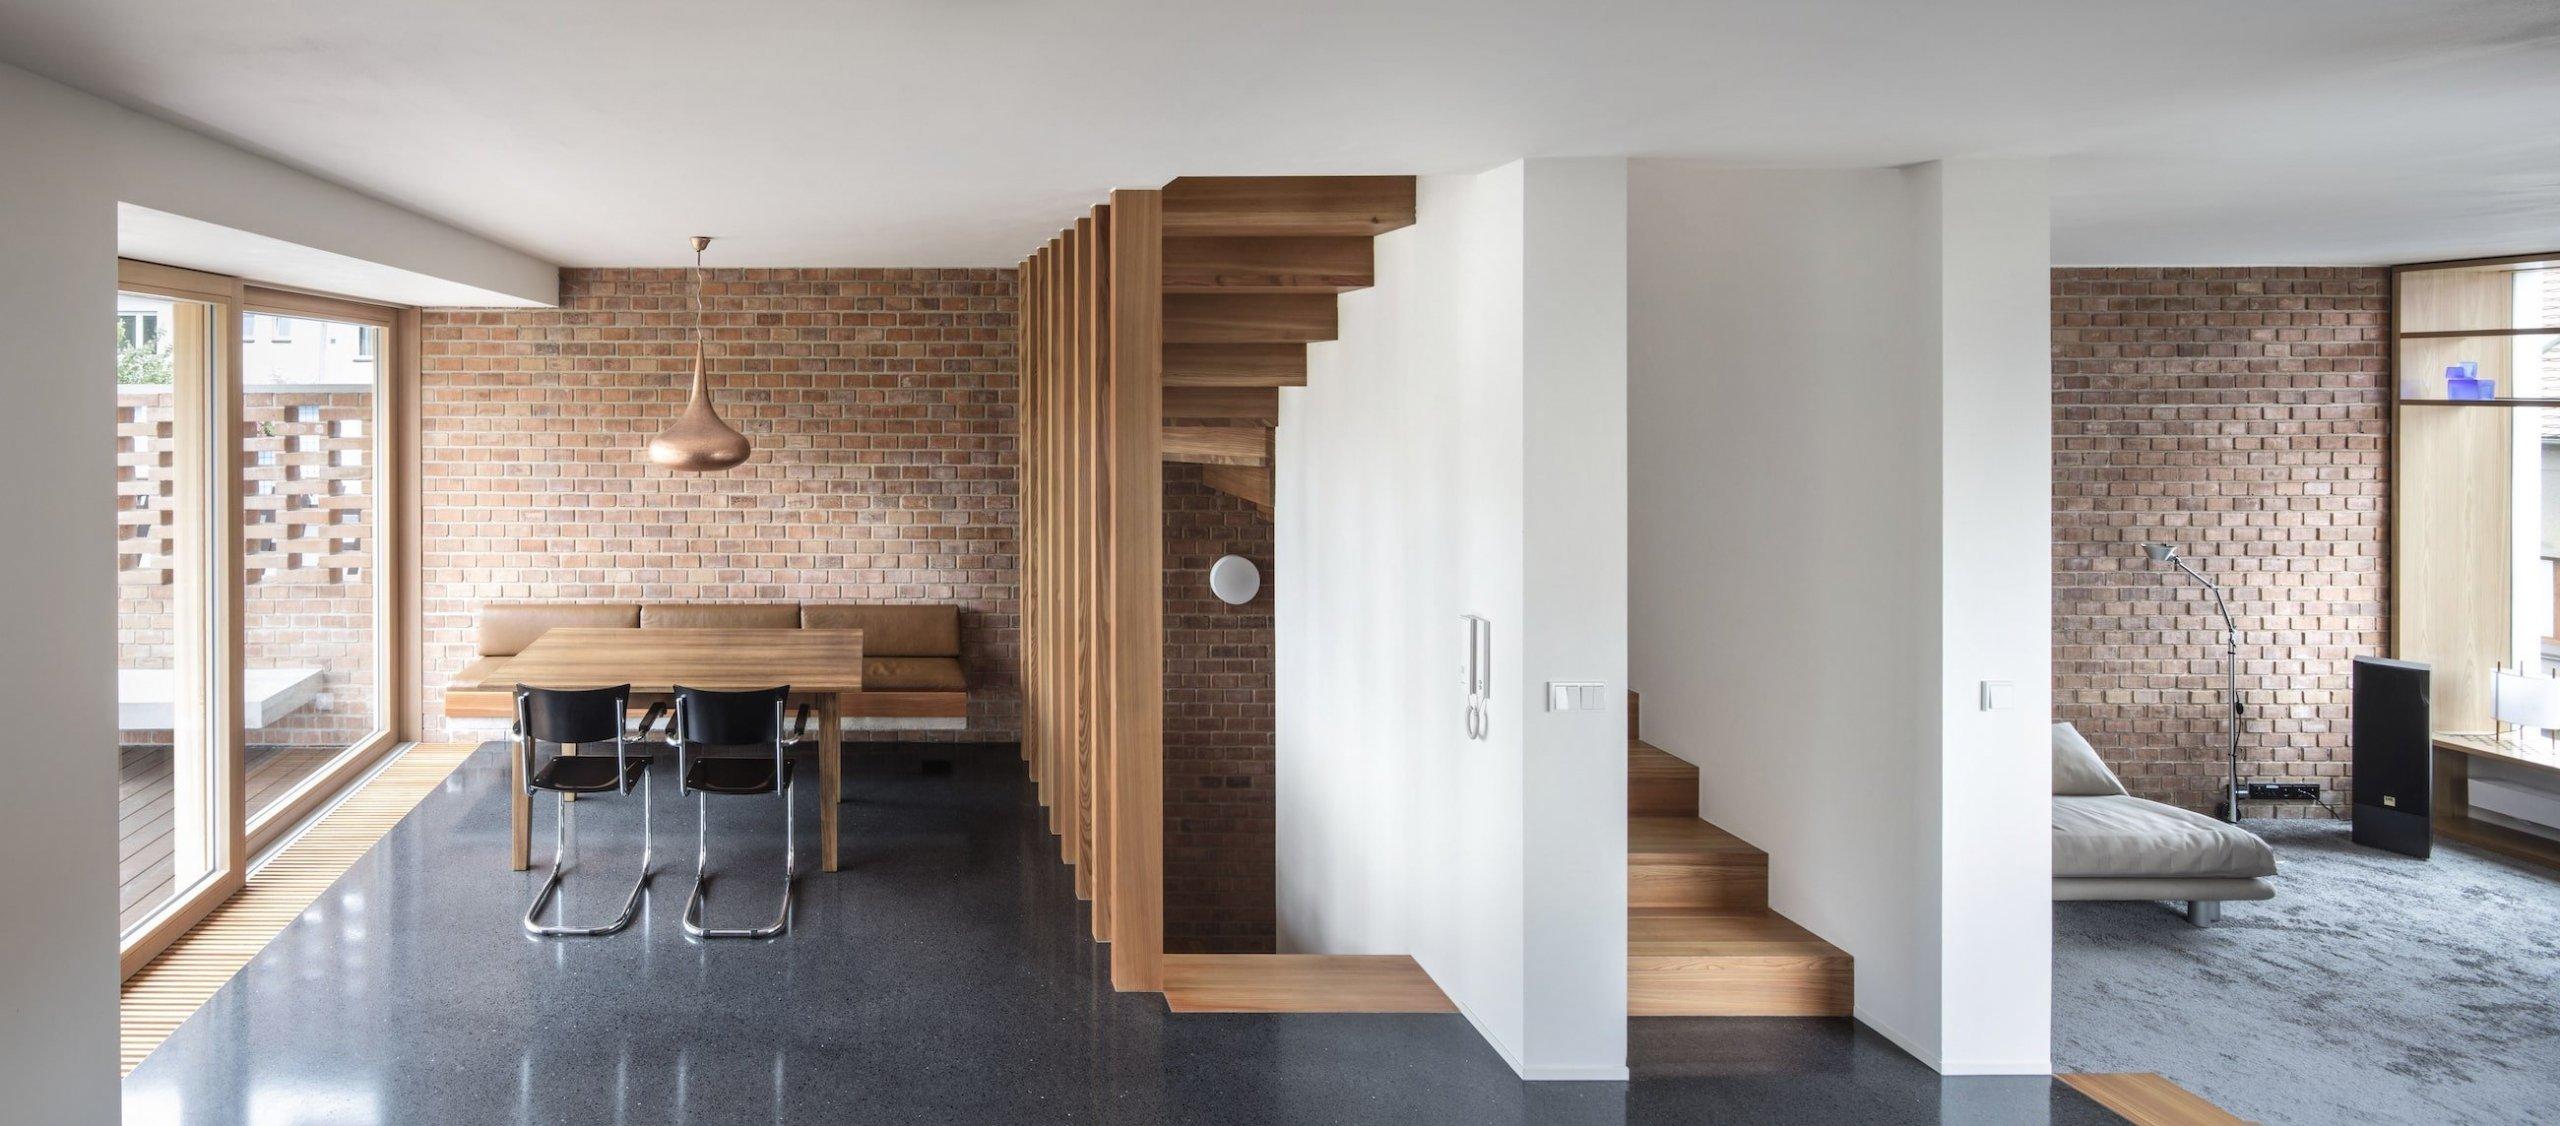 Stěny v interiéru jsou omítané nebo z režného zdiva